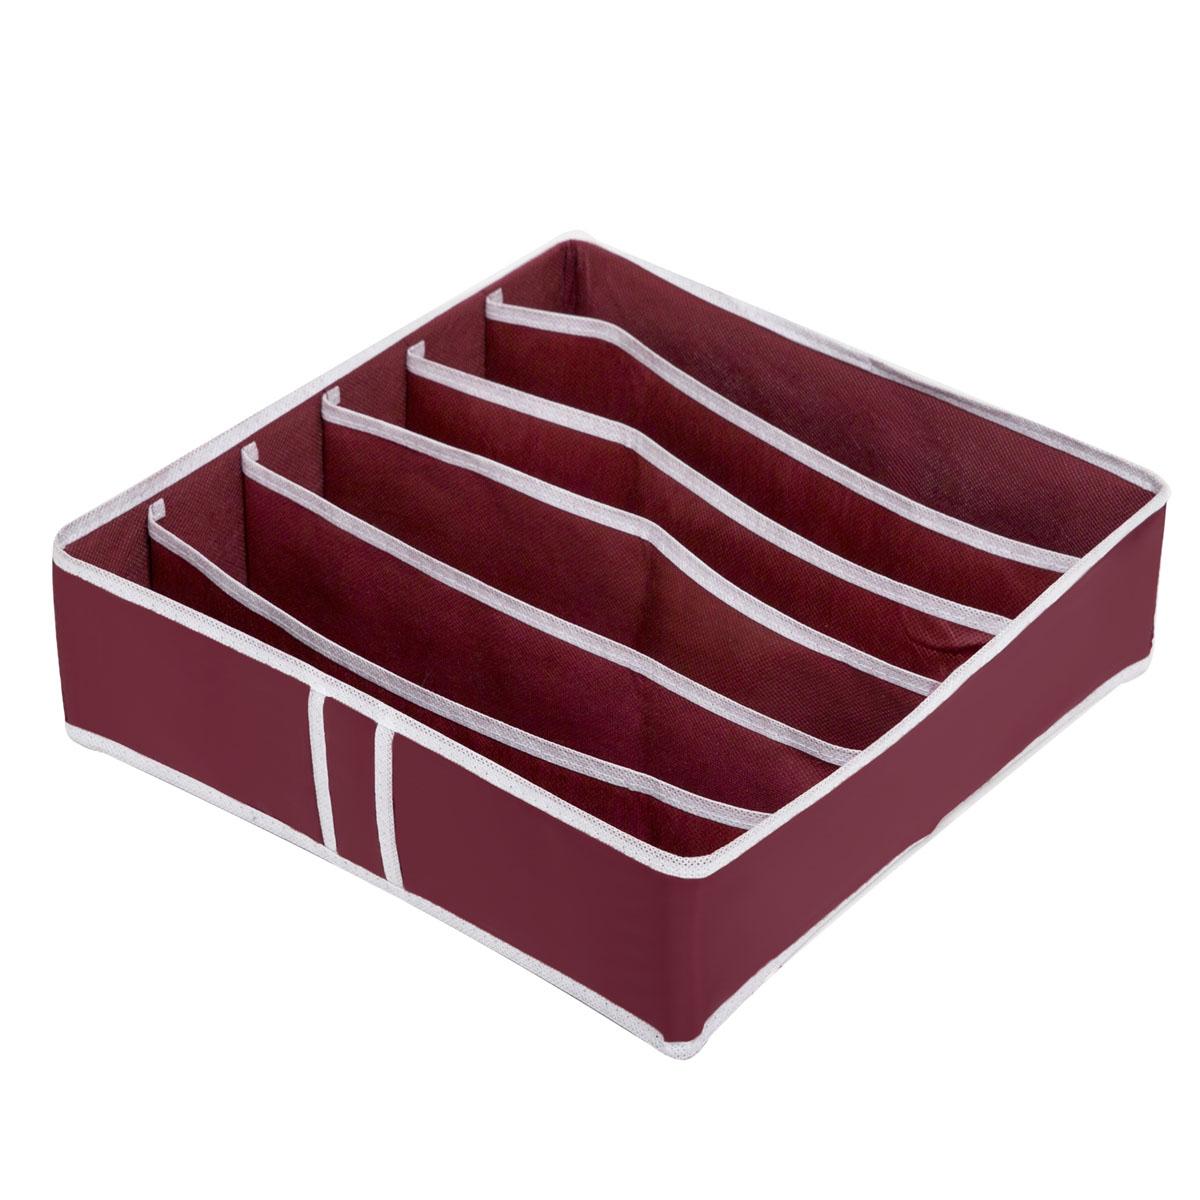 Органайзер для хранения нижнего белья Homsu Red Rose, 6 секций, 35 x 35 x 10 смHOM-13Квадратный и плоский органайзер с 6 раздельными ячейками 32см на 5см очень удобен для хранения вещей среднего размера в вашем ящике или на полке. Идеально для бюстгальтеров, нижнего белья и других вещей ежедневного пользования. Имеет жесткие борта, что является гарантией сохраности вещей. Фактический цвет может отличаться от заявленного.